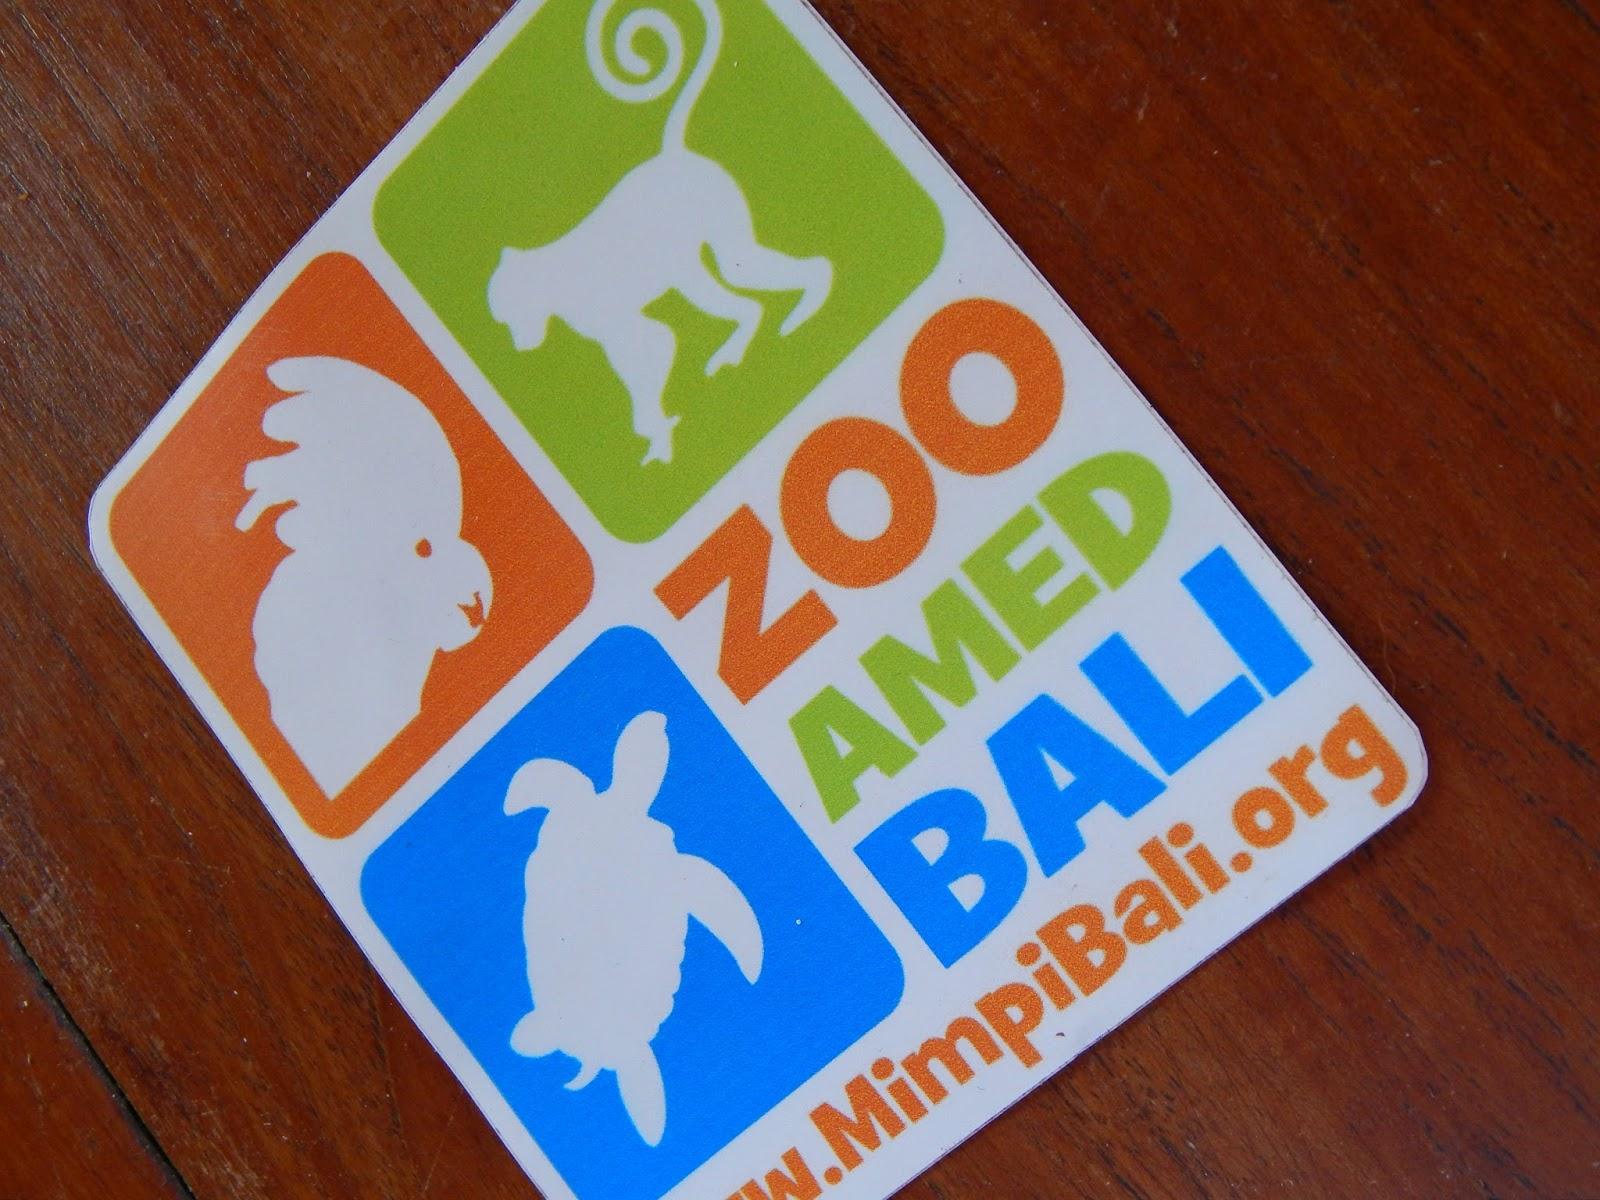 Mimpi Bali organizace se snaží o ochranu a přežití ohrožených zvířat. Autor: Jolana Radinová